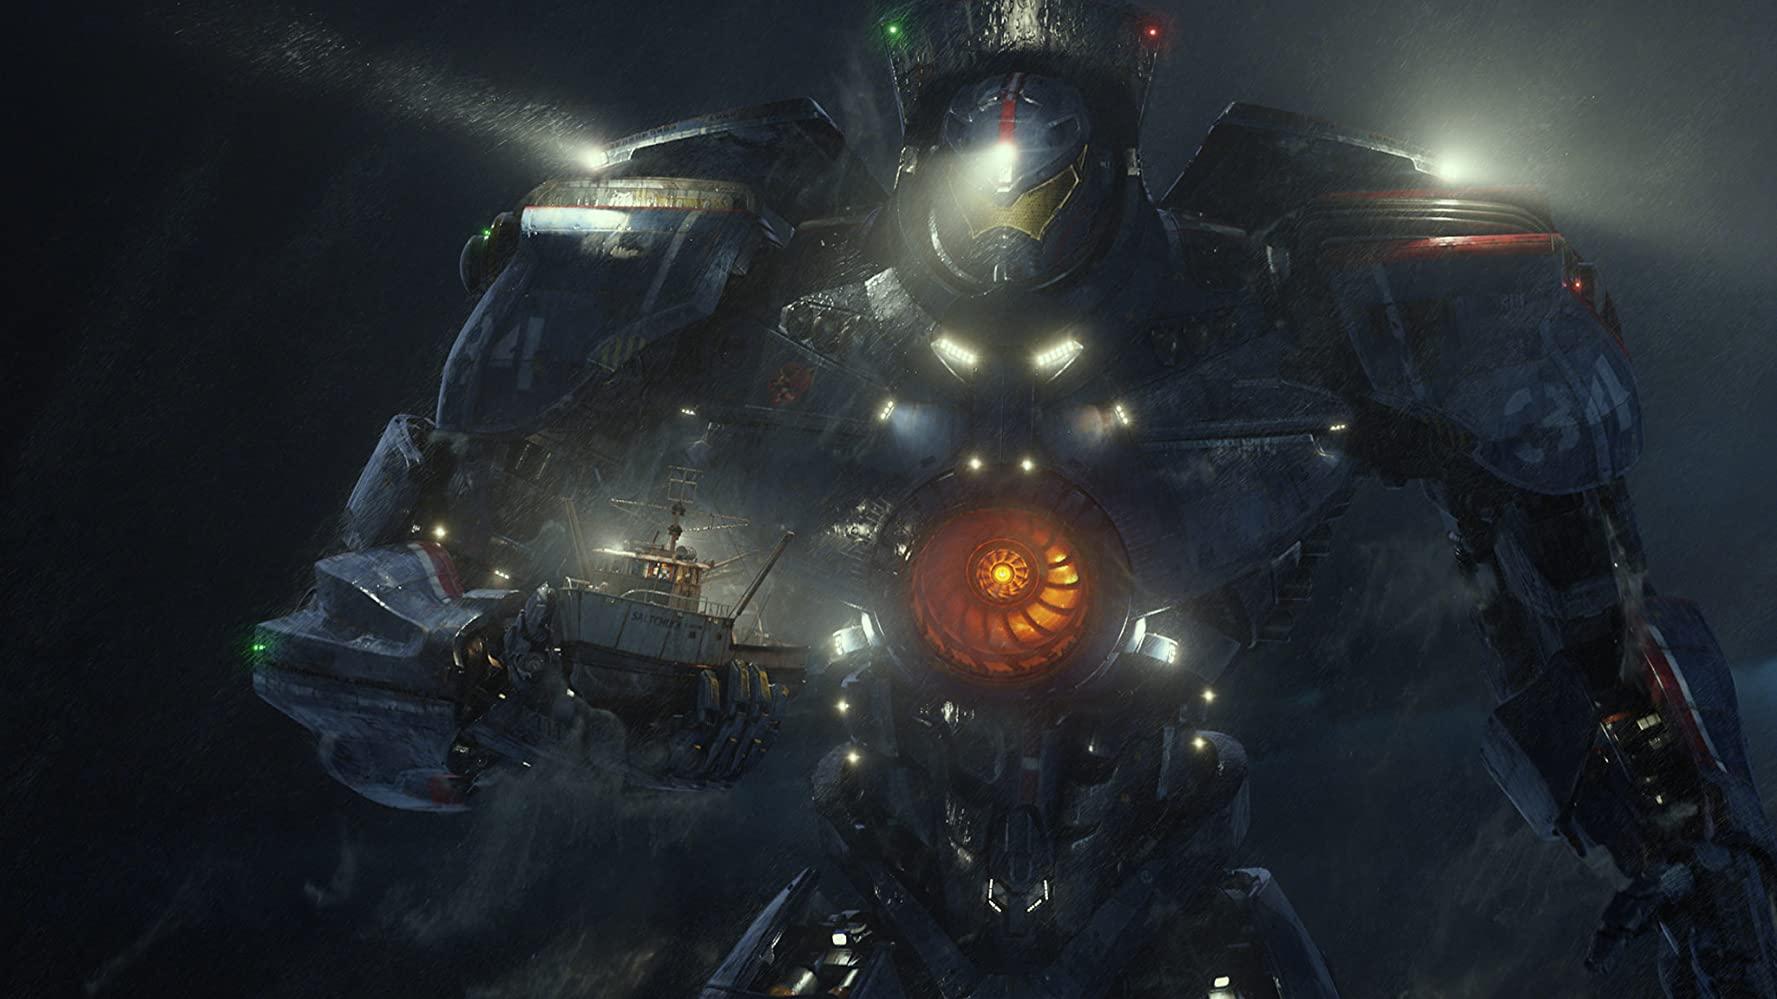 Når Jaegeren Gypsy Danger skal møde en Kaiju (et monster fra en anden dimension) går det vildt for sig – specielt med Raleigh Becket (Charlie Hunnam) og Mako Mori (Rinku Kikuchi) ved roret. (Foto: Warner Bros.)